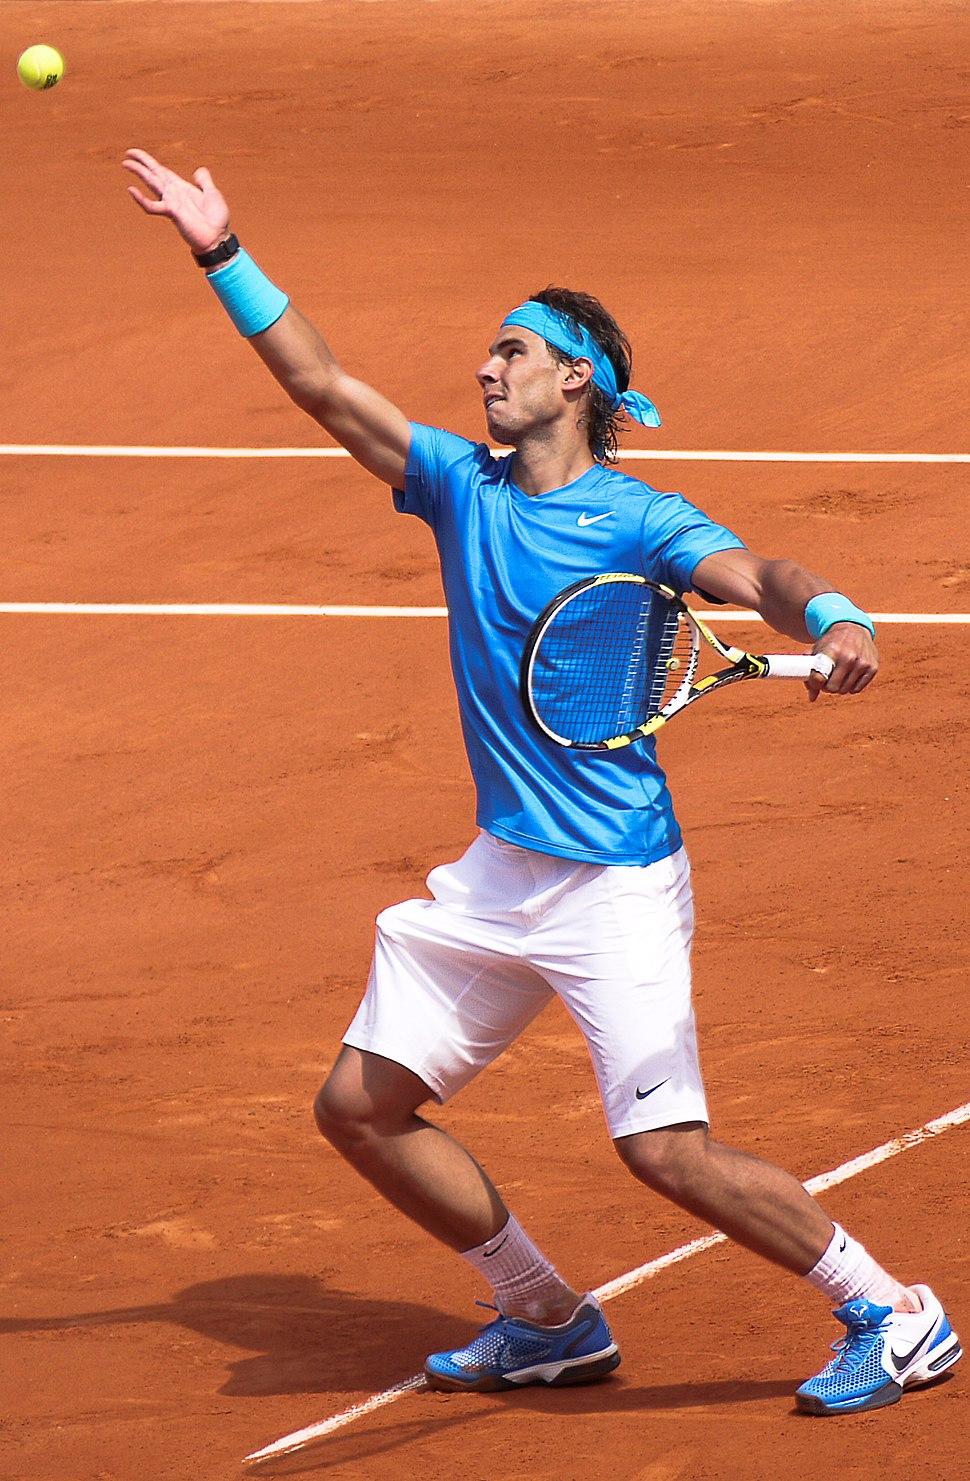 Rafael Nadal 2011 Roland Garros 2011